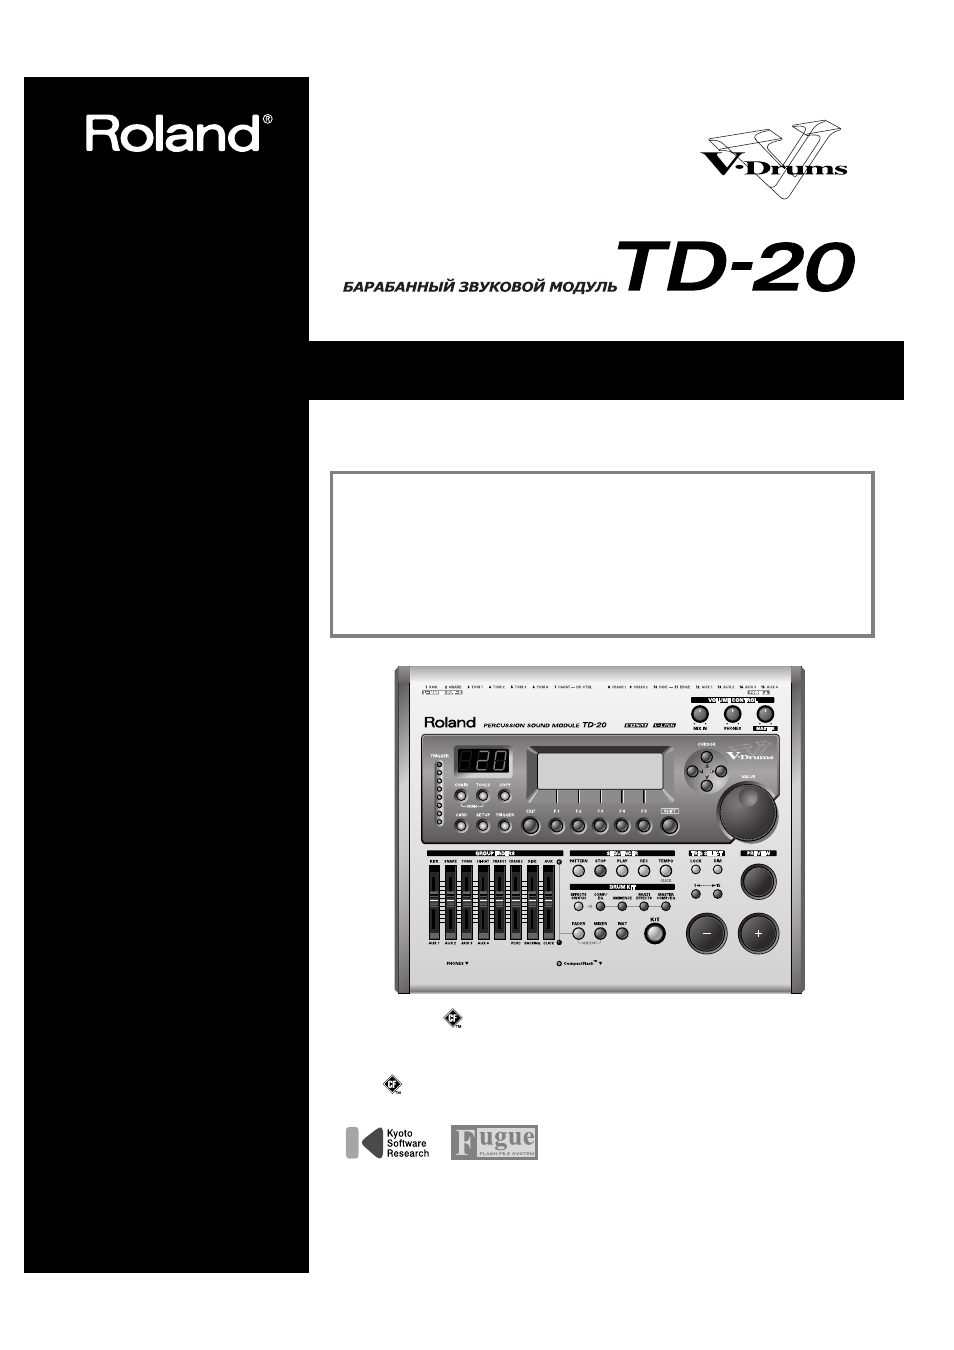 Инструкция по эксплуатации торгового оборудования